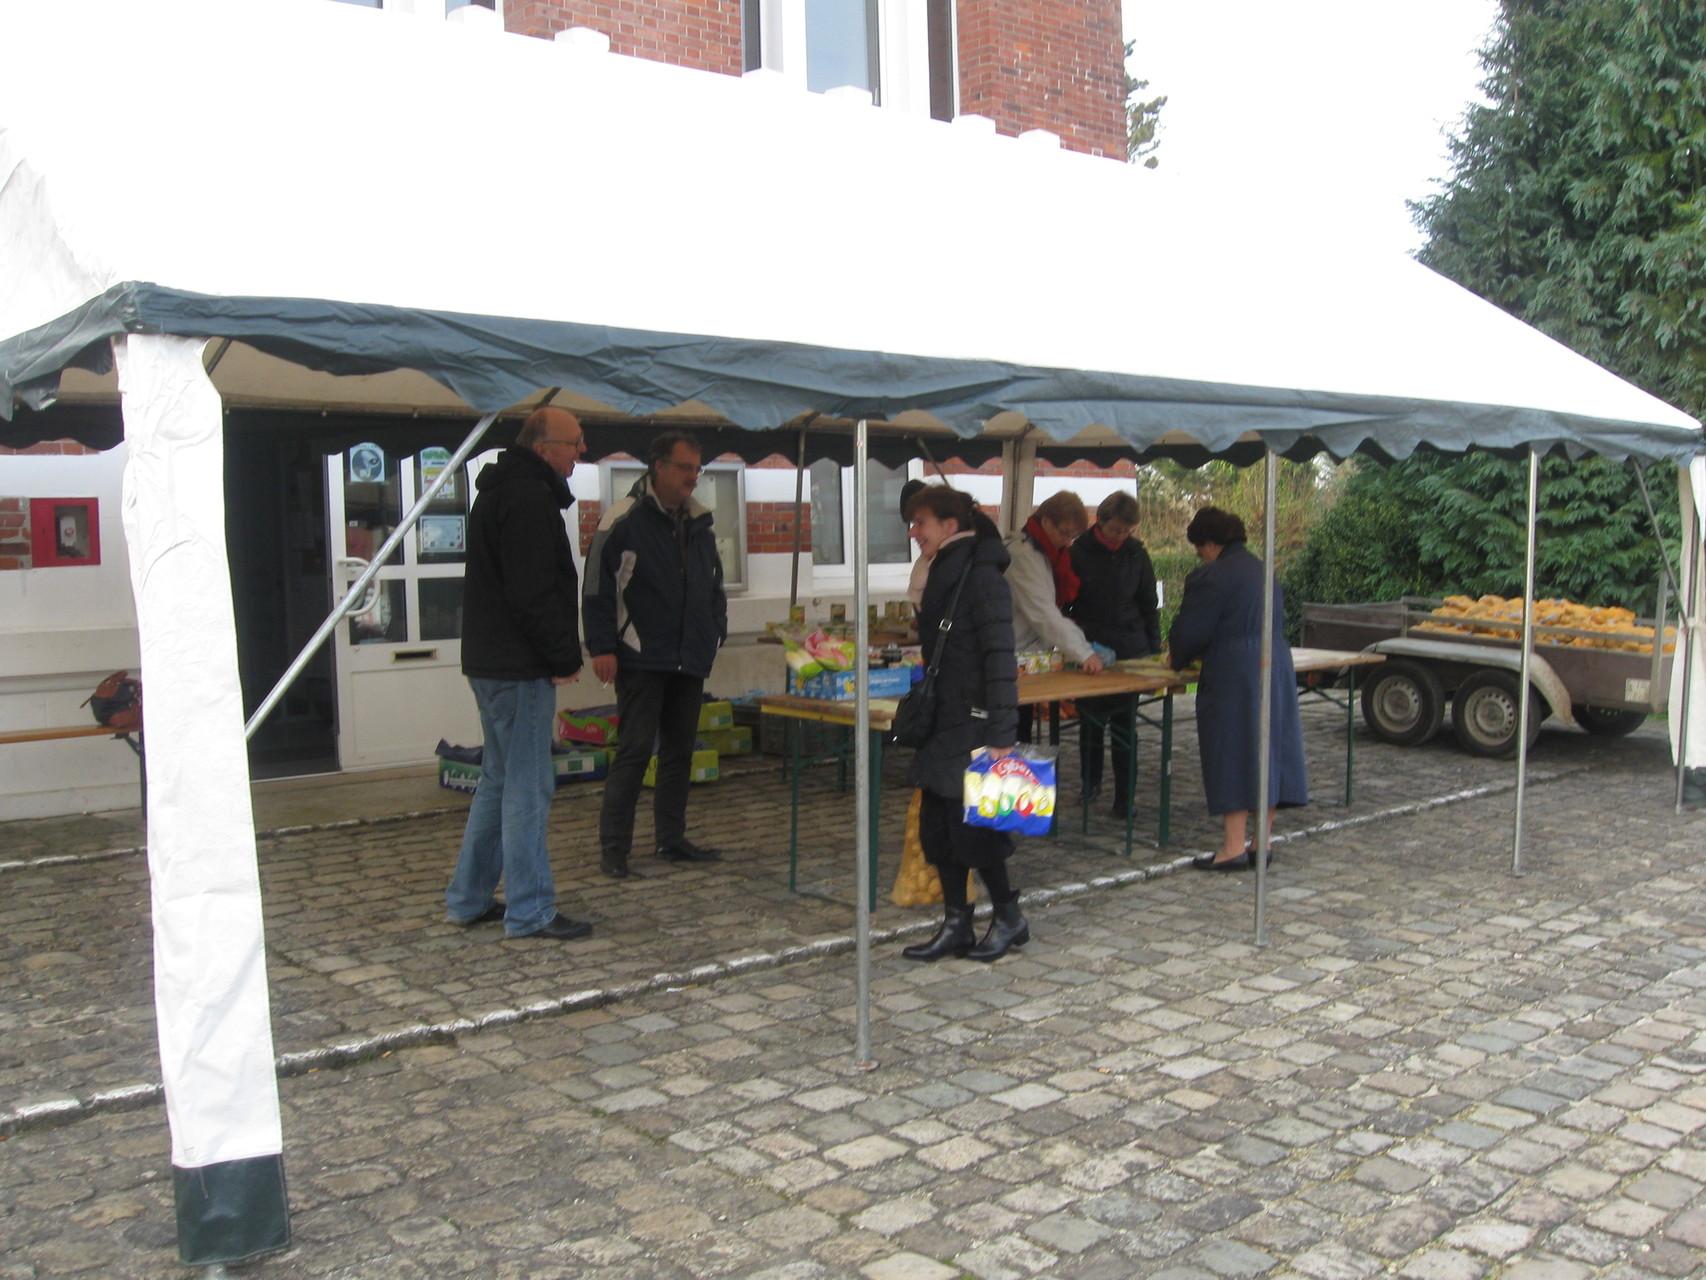 Des légumes offerts ont permis de contenter les acheteurs